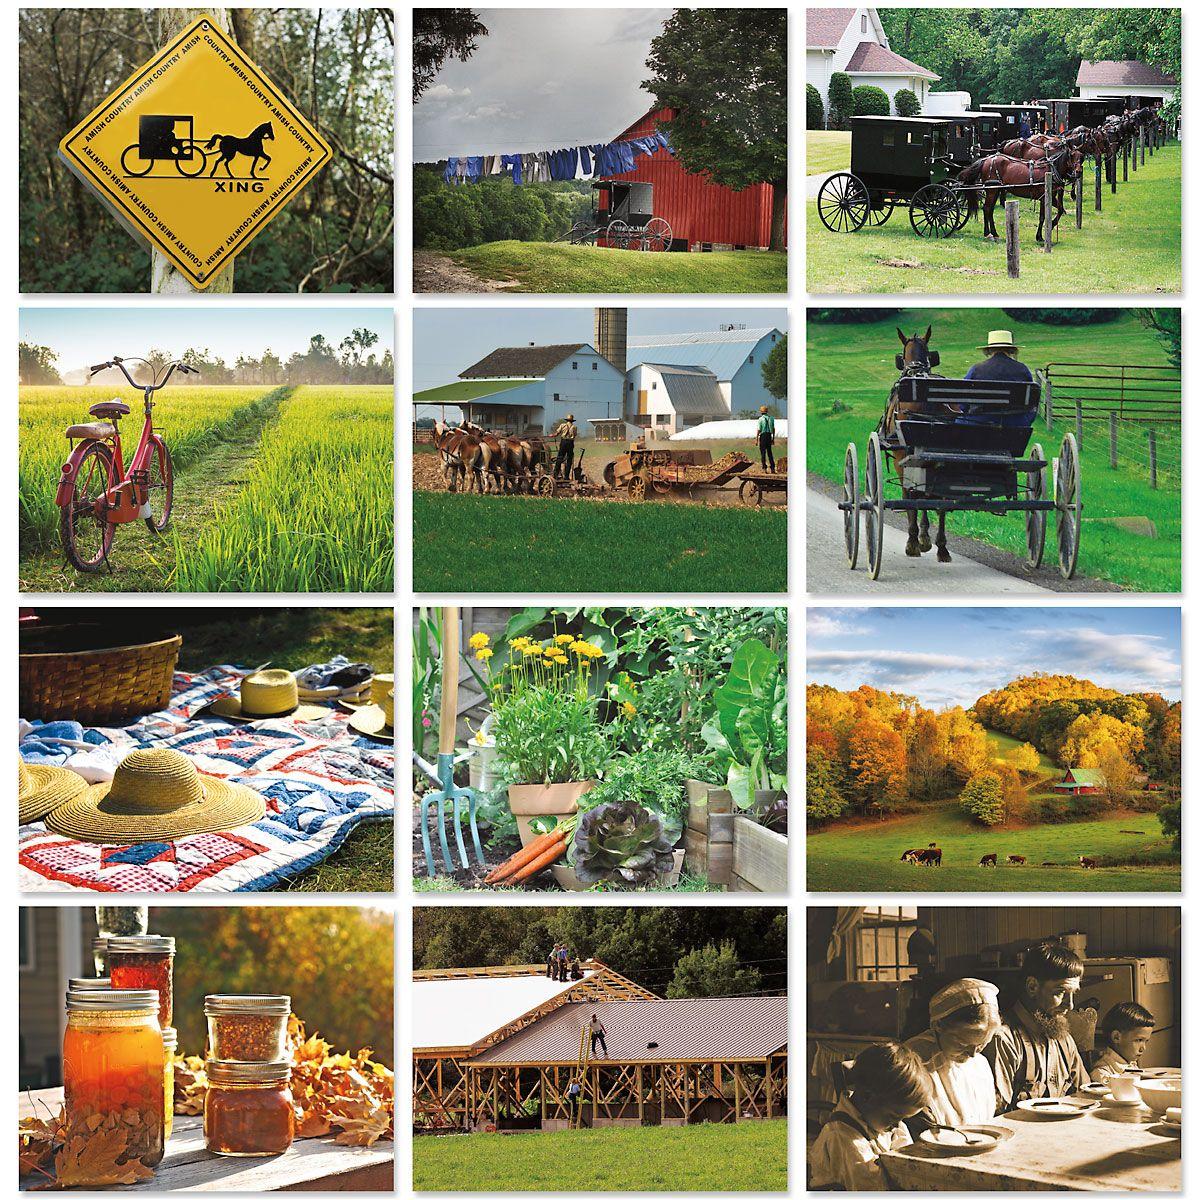 2020 Amish Wall Calendar